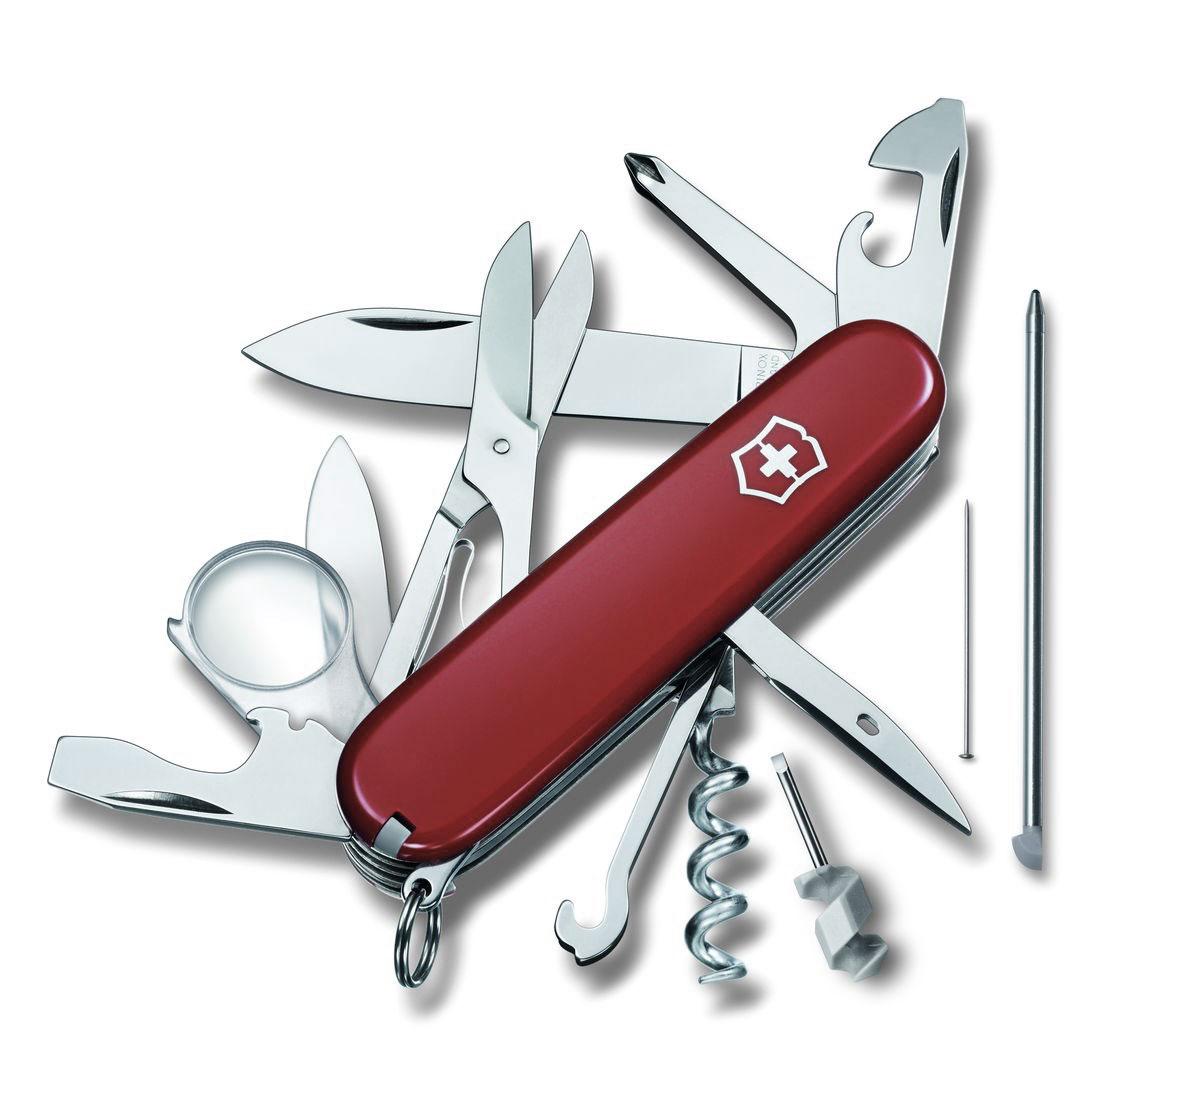 Нож перочинный Victorinox Explorer, цвет: красный, 19 функций, 9,1 см1.6705Лезвие перочинного складного ножа Victorinox Explorer изготовлено из высококачественной нержавеющей стали. Ручка, выполненная из прочного пластика, обеспечивает надежный и удобный хват. Хорошее качество, надежный долговечный материал и эргономичная рукоятка - что может быть удобнее на природе или на пикнике! Функции ножа: Большое лезвие. Малое лезвие. Штопор. Консервный нож с малой отверткой. Открывалка для бутылок с отверткой. Инструментом для снятия изоляции. Шило, кернер. Кольцо для ключей. Пинцет. Зубочистка. Ножницы. Многофункциональный крючок. Крестовая отвертка. Лупа. Шариковая ручка. Булавка из нержавеющей стали. Мини-отвертка. Длина ножа в сложенном виде: 9,1 см. Длина ножа в разложенном виде: 16 см. Длина большого лезвия: 6,8 см. Длина малого лезвия: 4 см.